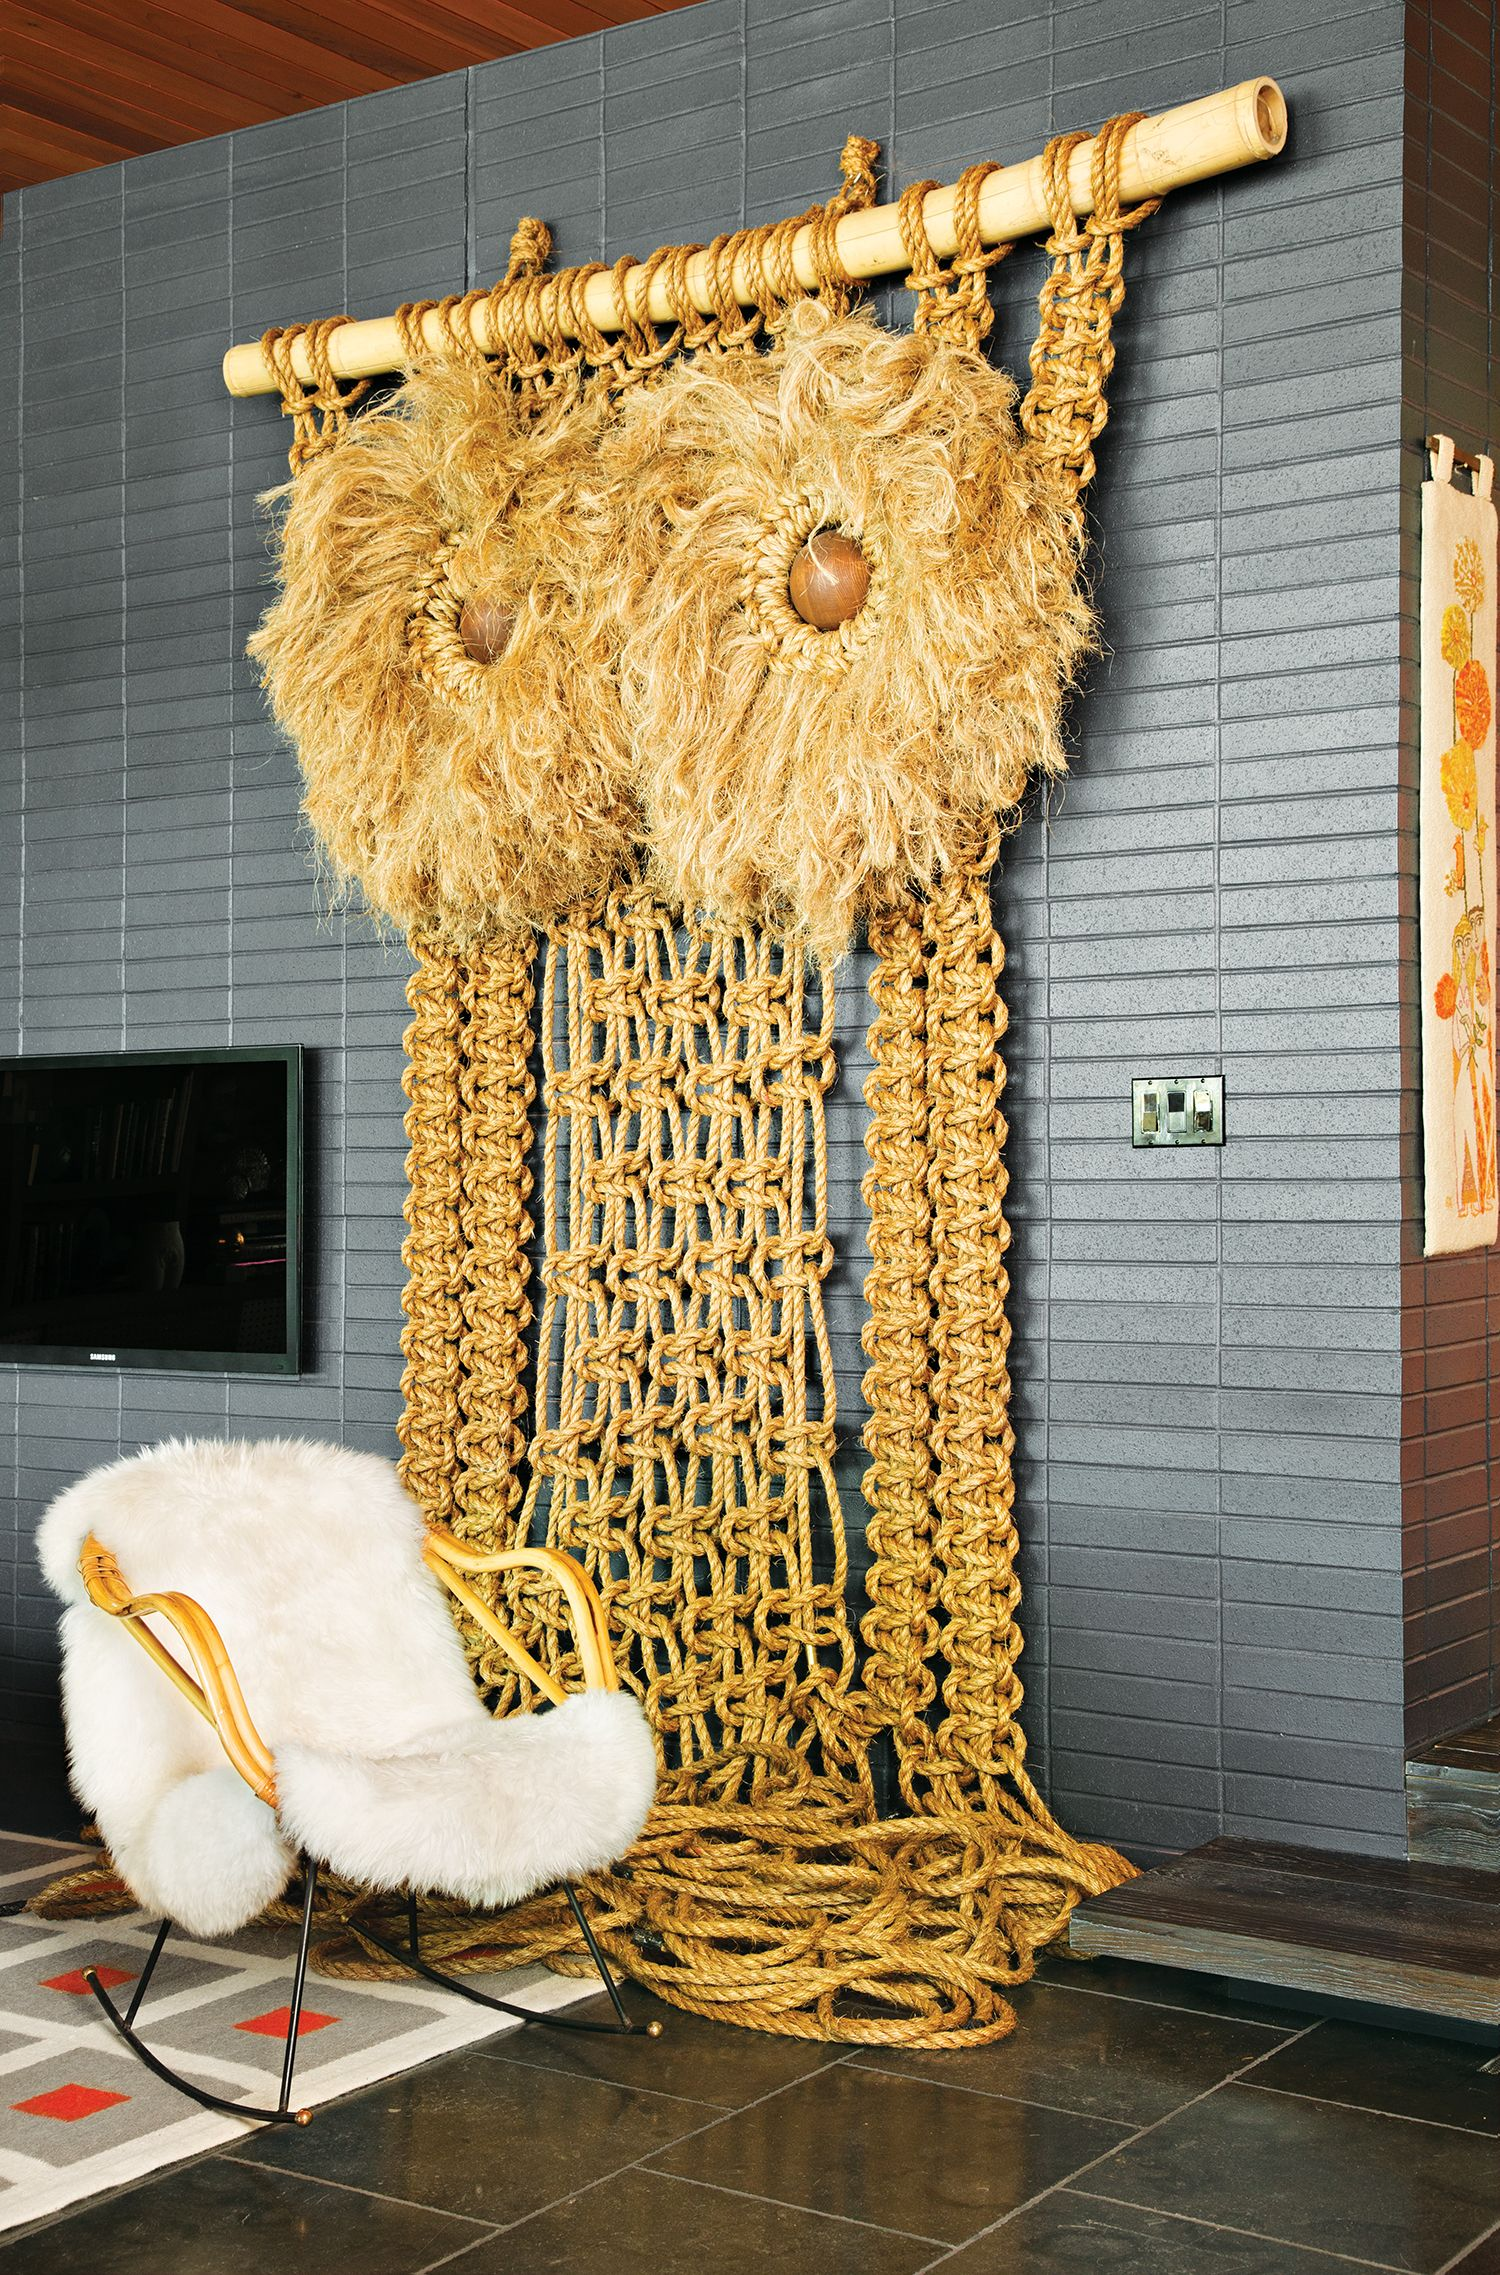 Giant owl macrame in Jonathan Adler + Simon Doonan's Shelter Island Vacation Home